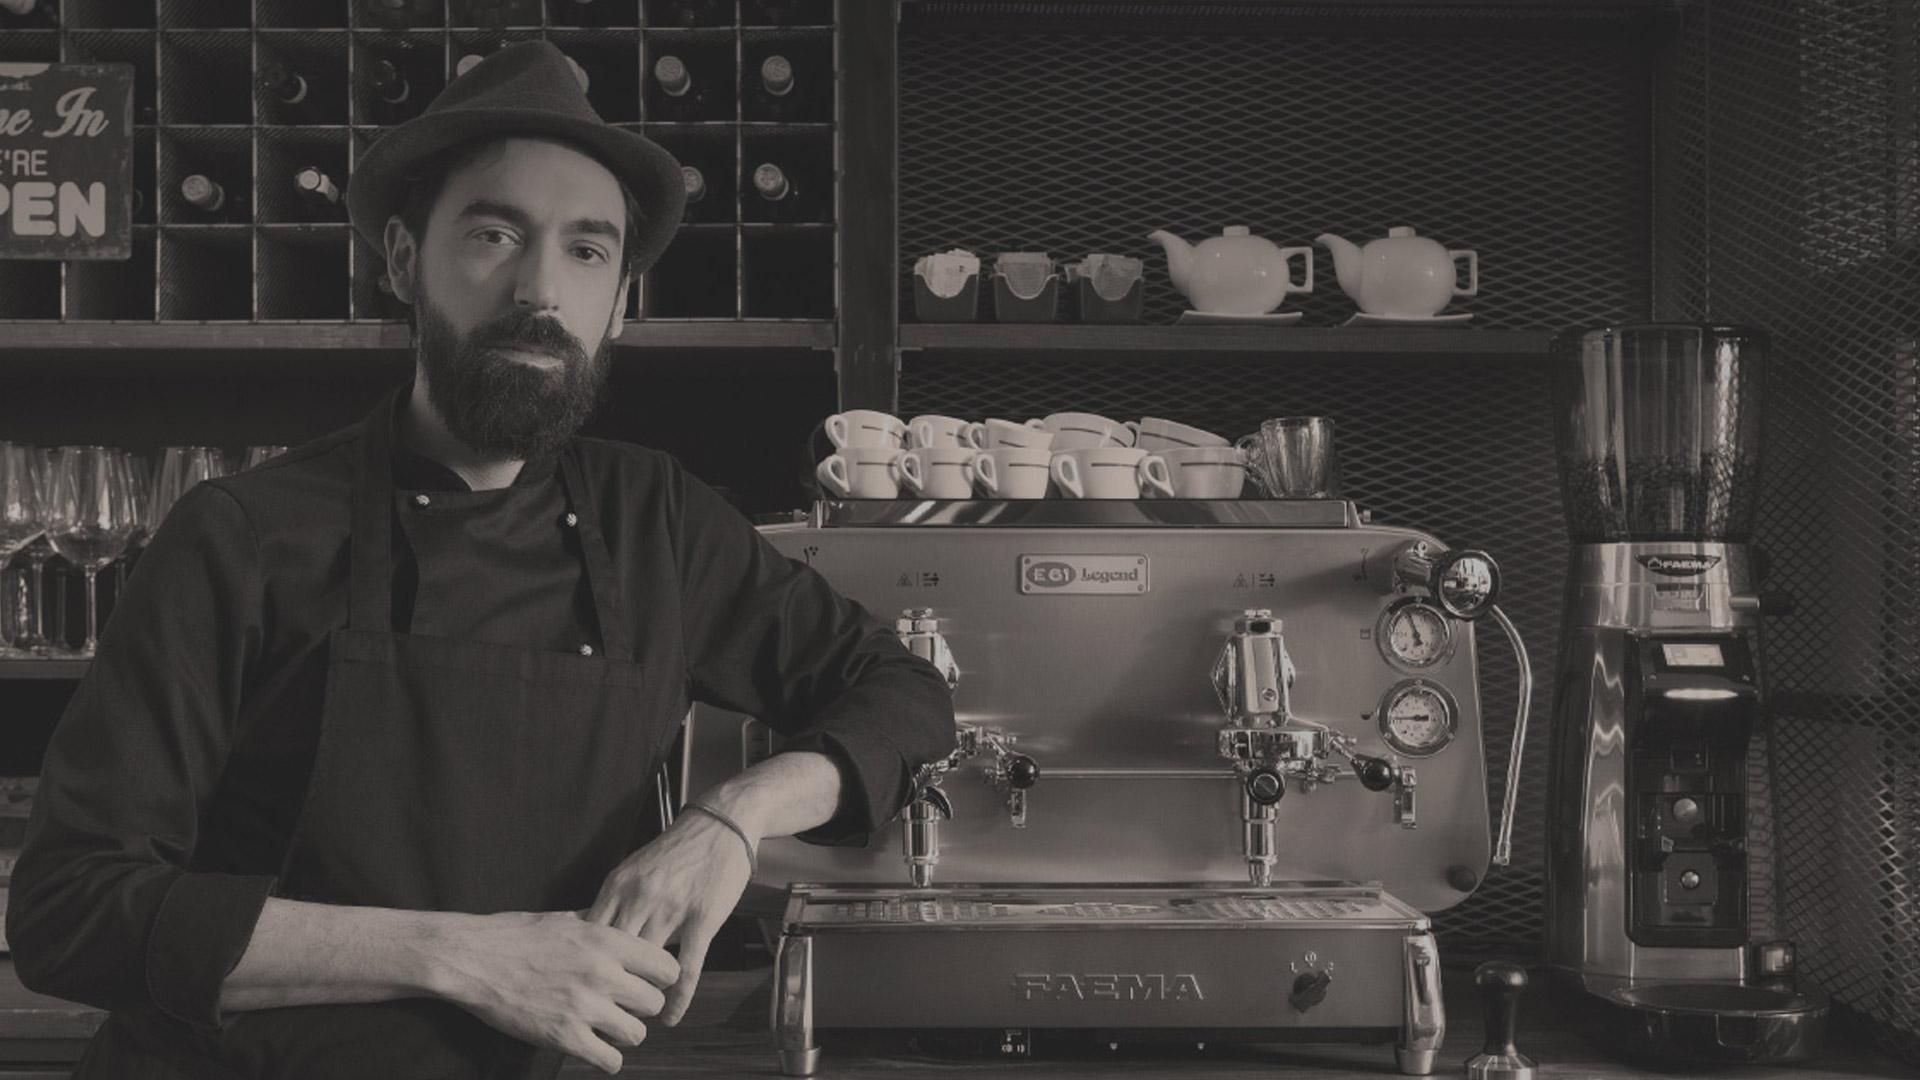 Ekspres do kawy w kawiarni - jaki wybrać?